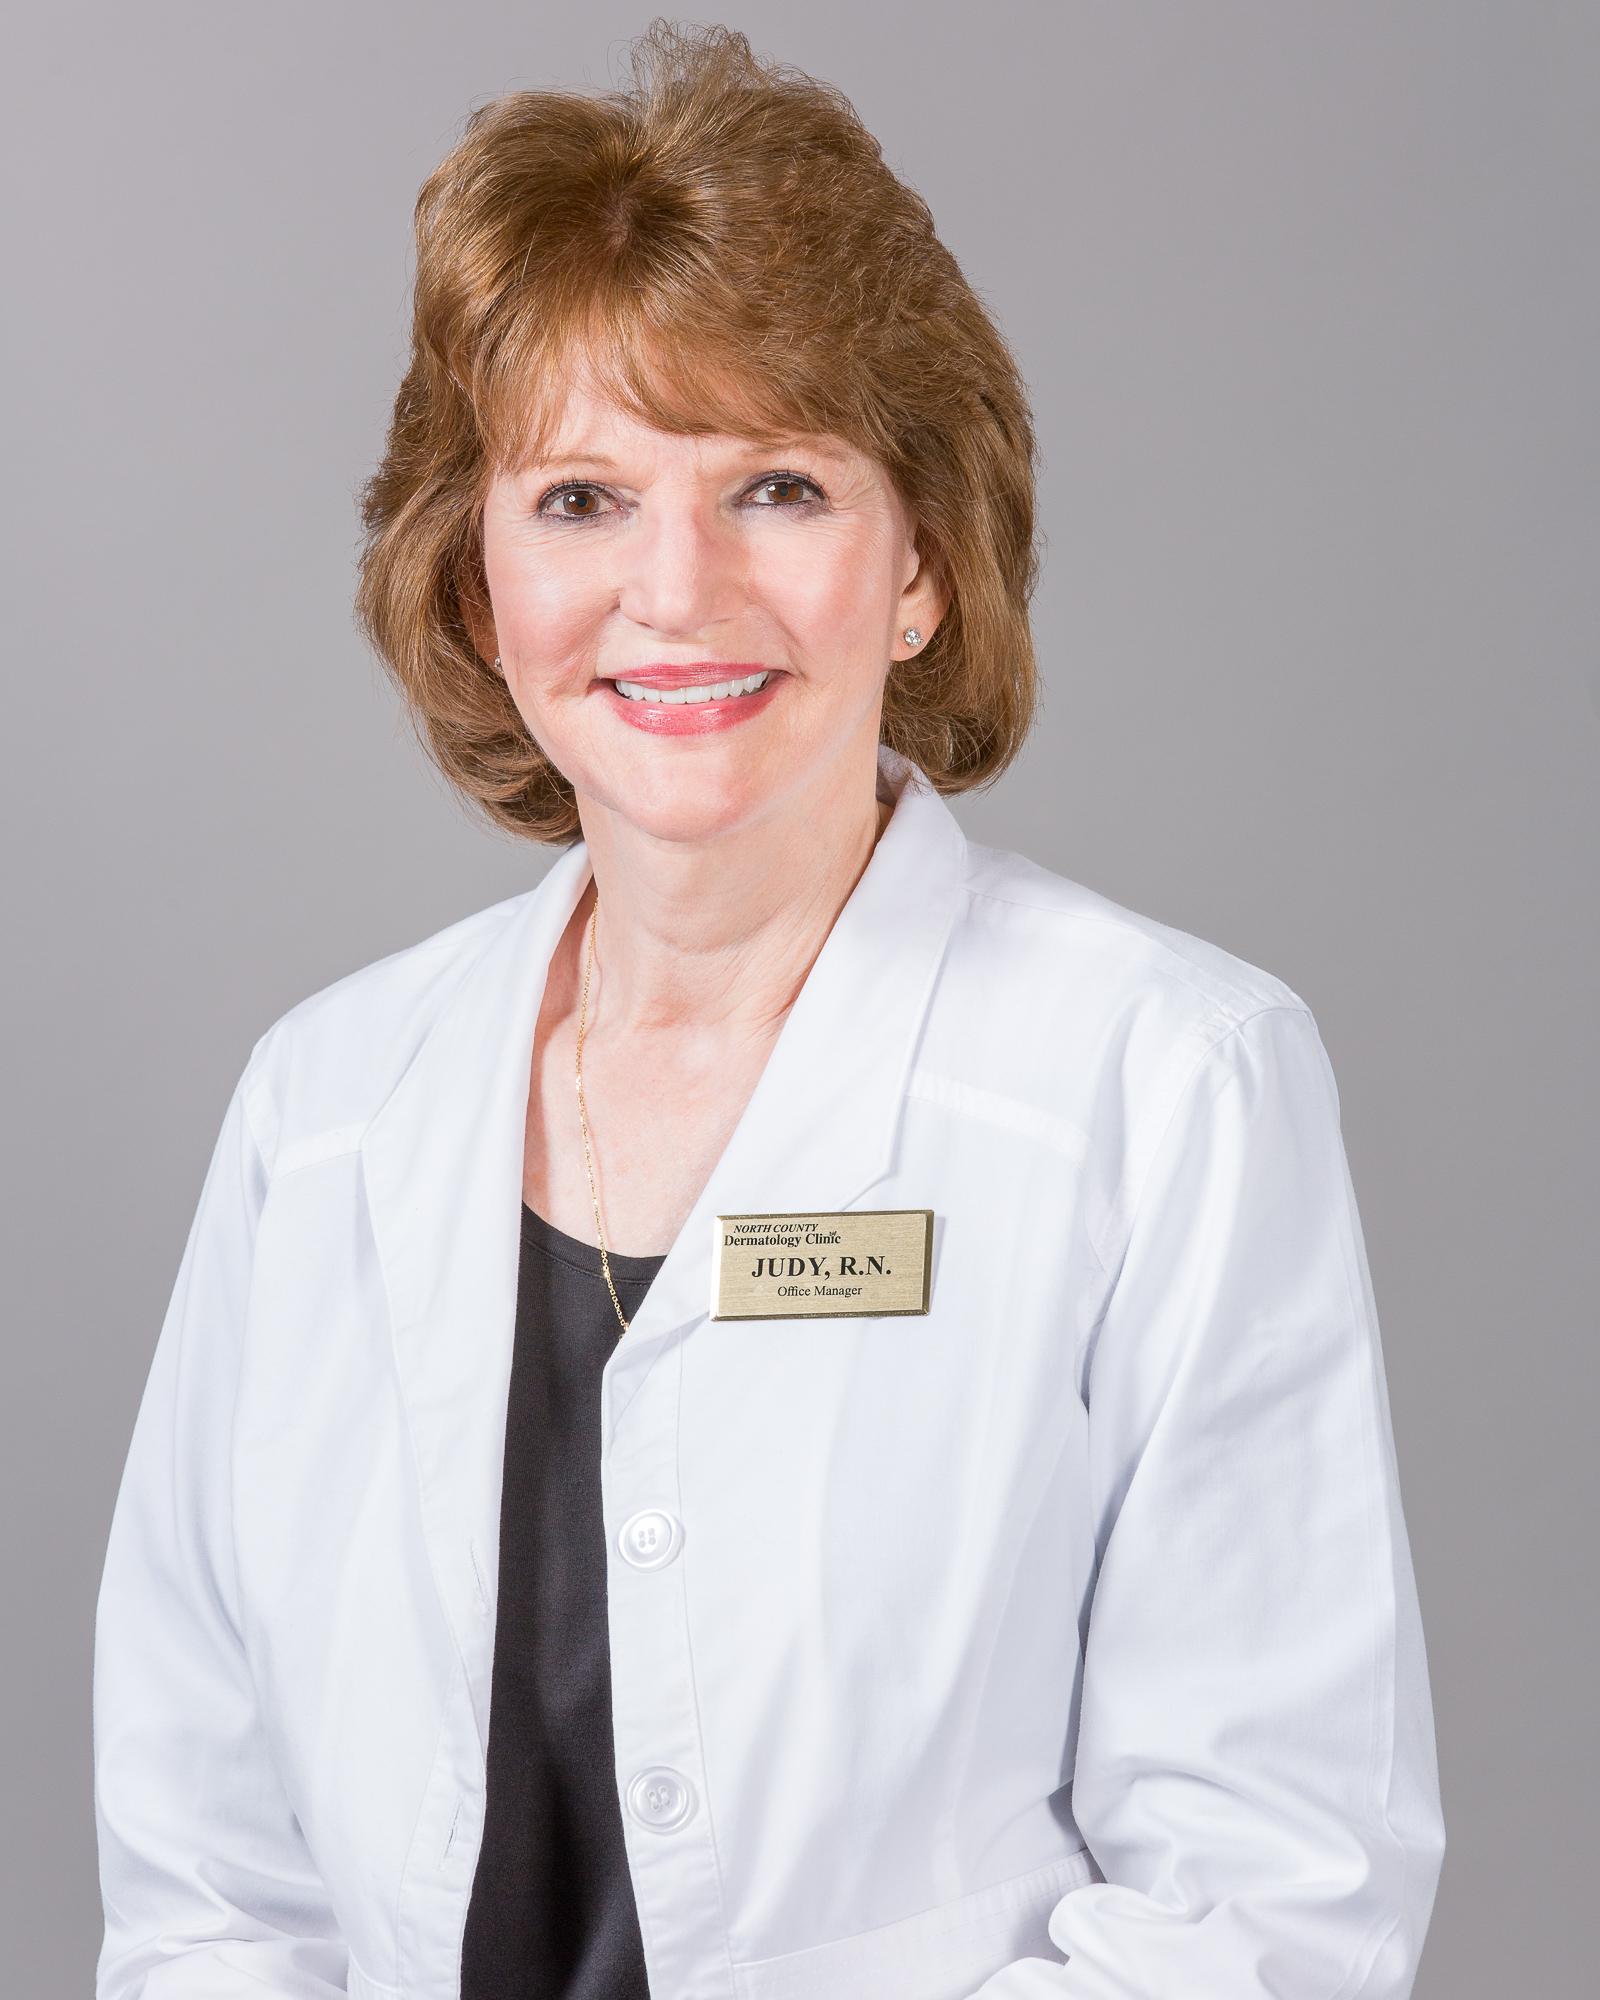 Judy Knight, R.N.